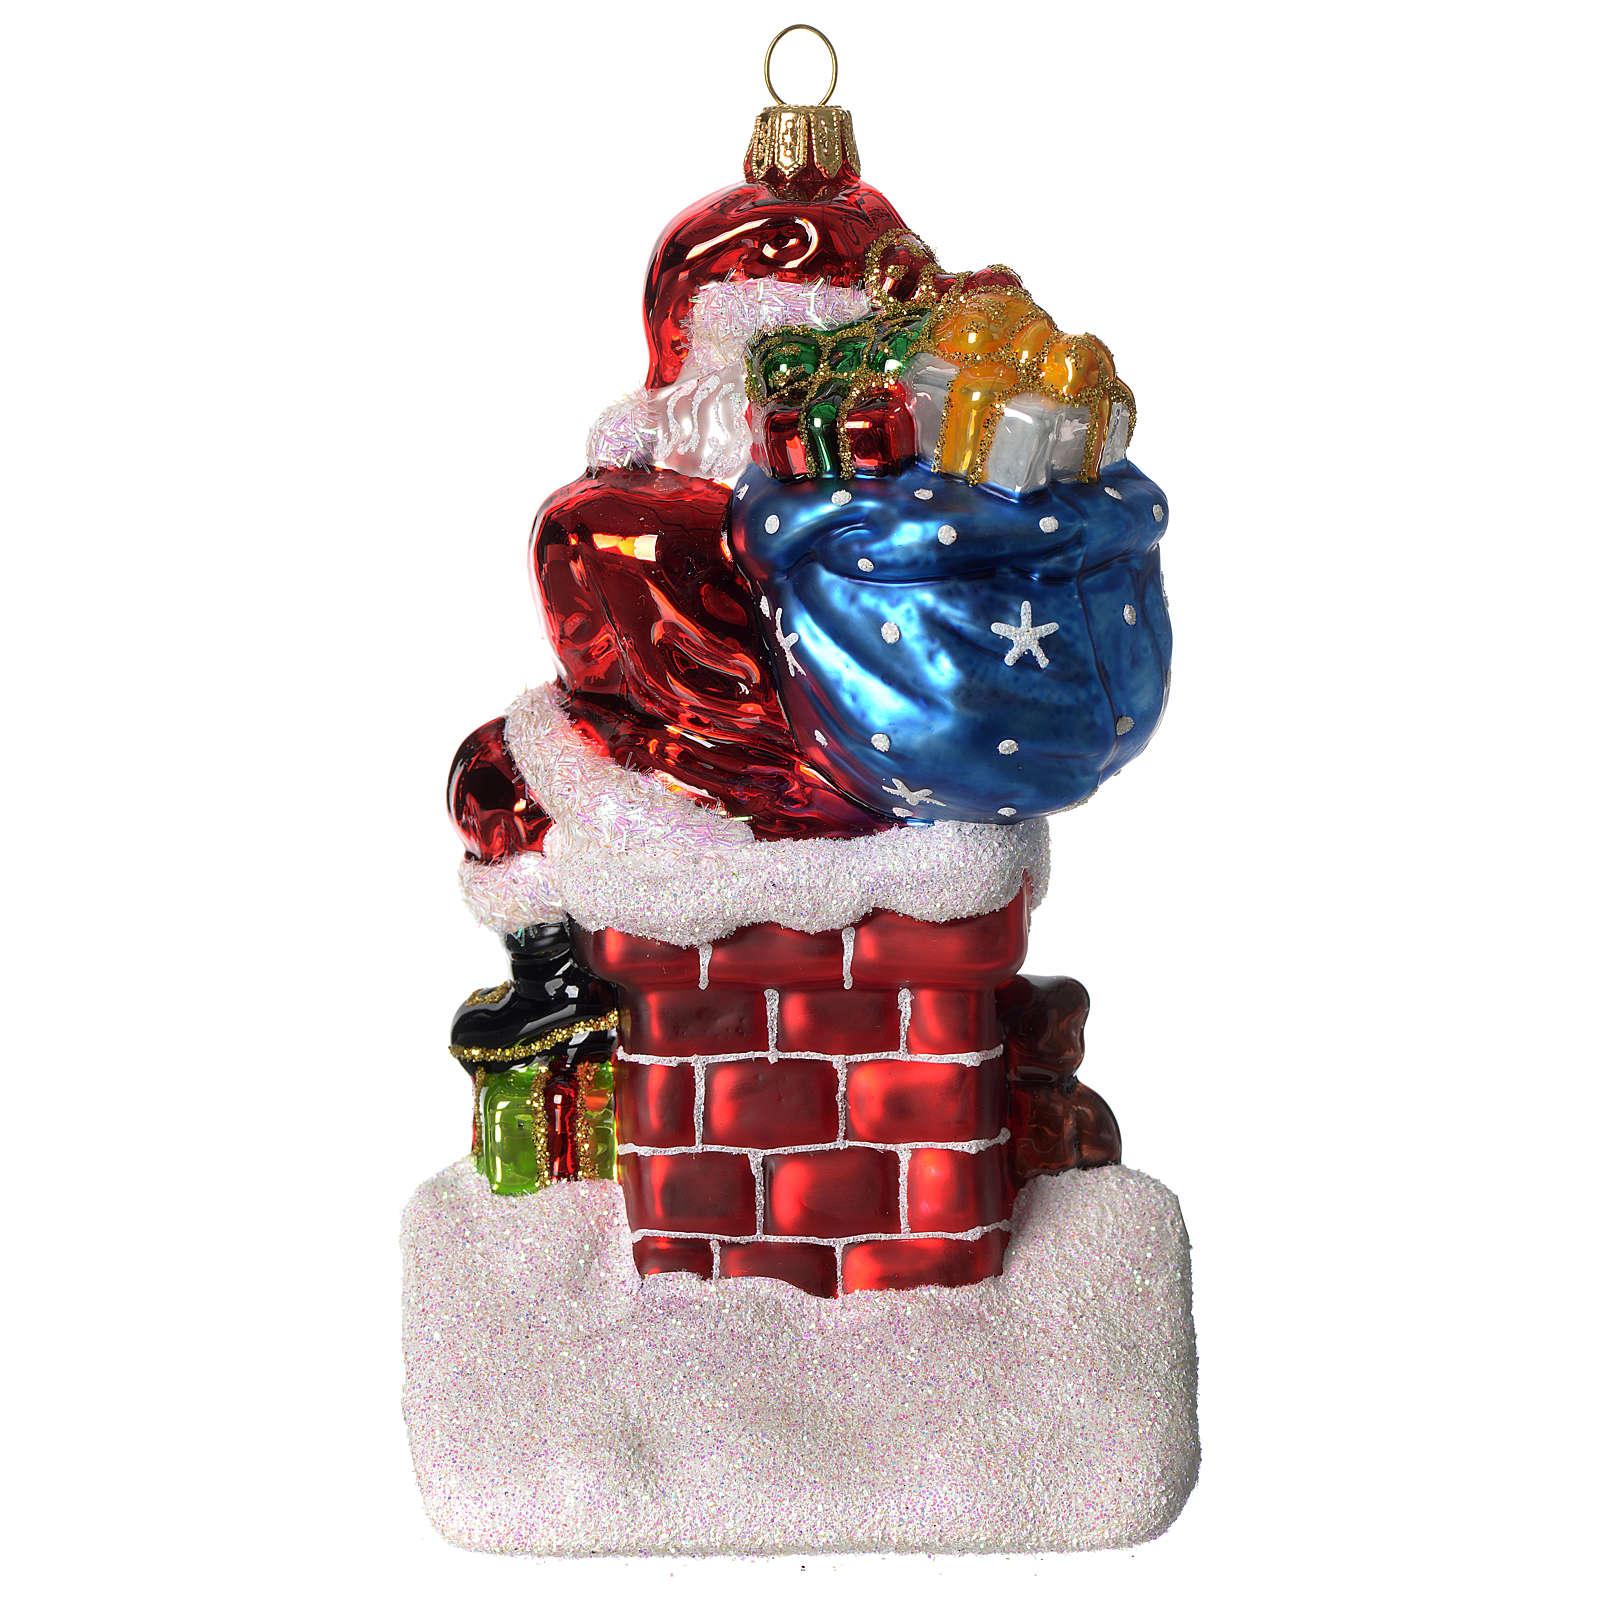 Père Noël et cheminée ornement verre soufflé Sapin Noël 4